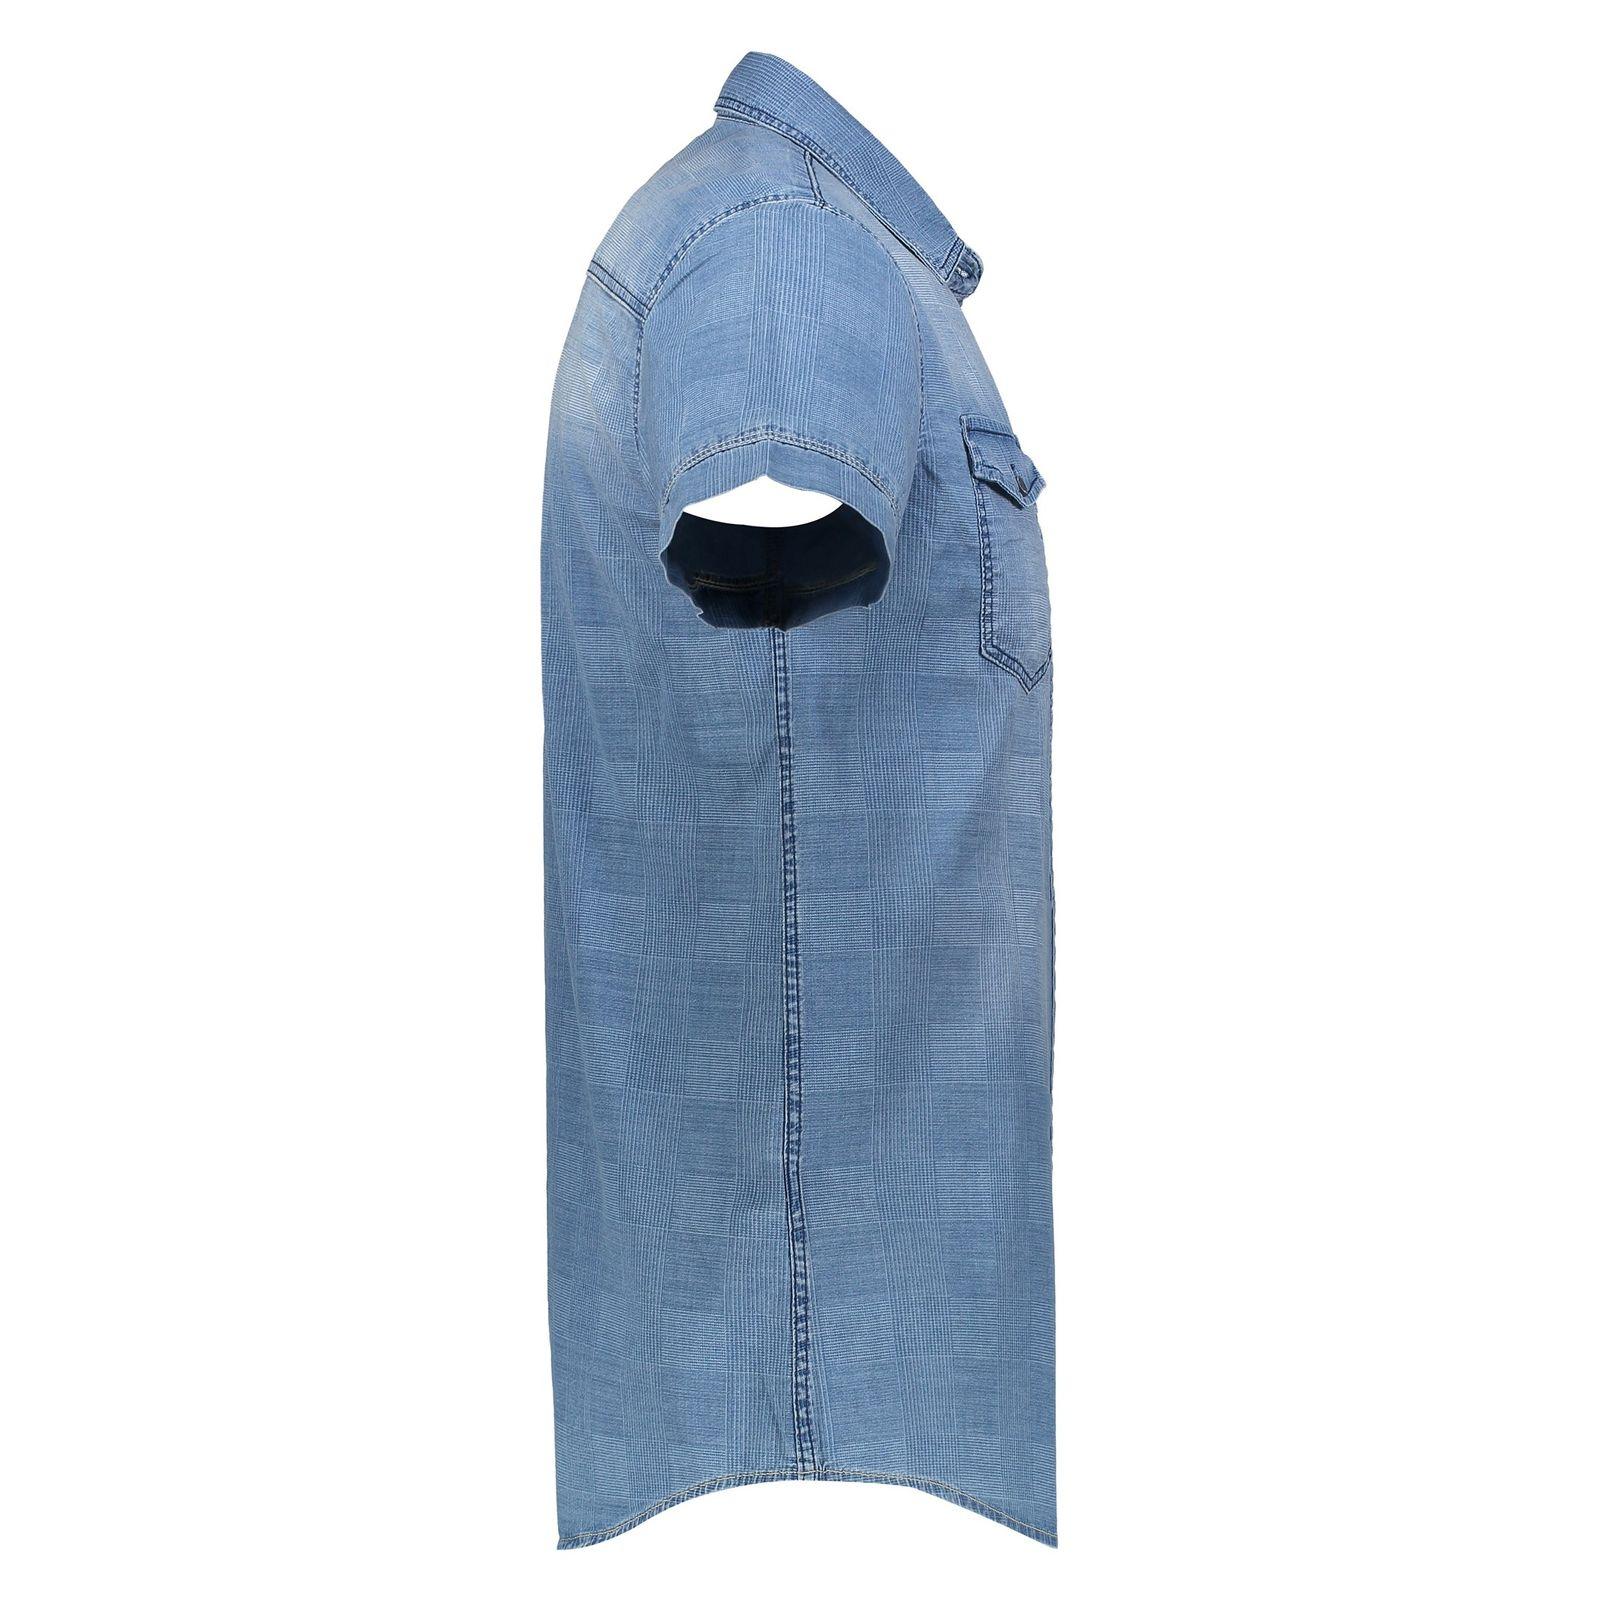 پیراهن جین آستین کوتاه مردانه - ال سی وایکیکی - آبي - 3